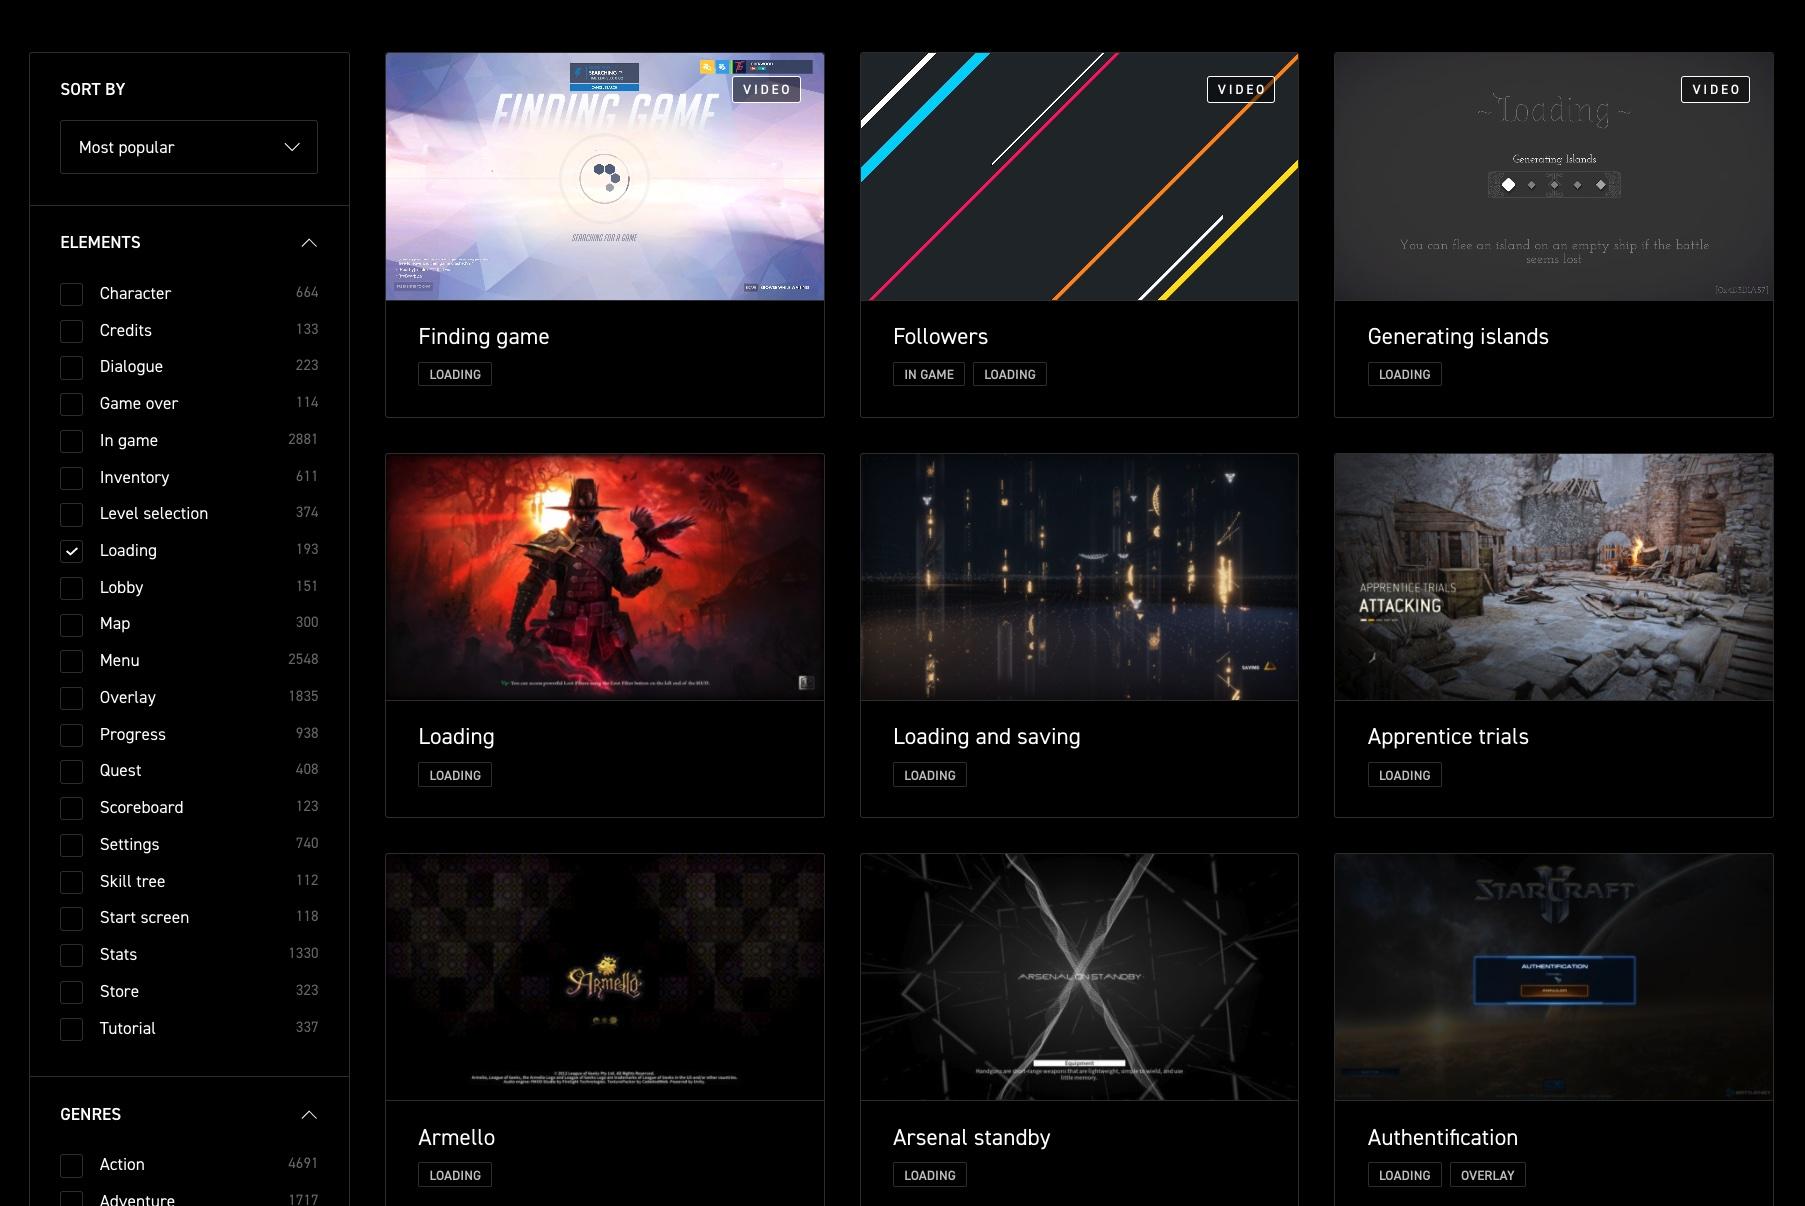 比花瓣还专业!200多款顶级游戏的UI和交互设计都在这里!